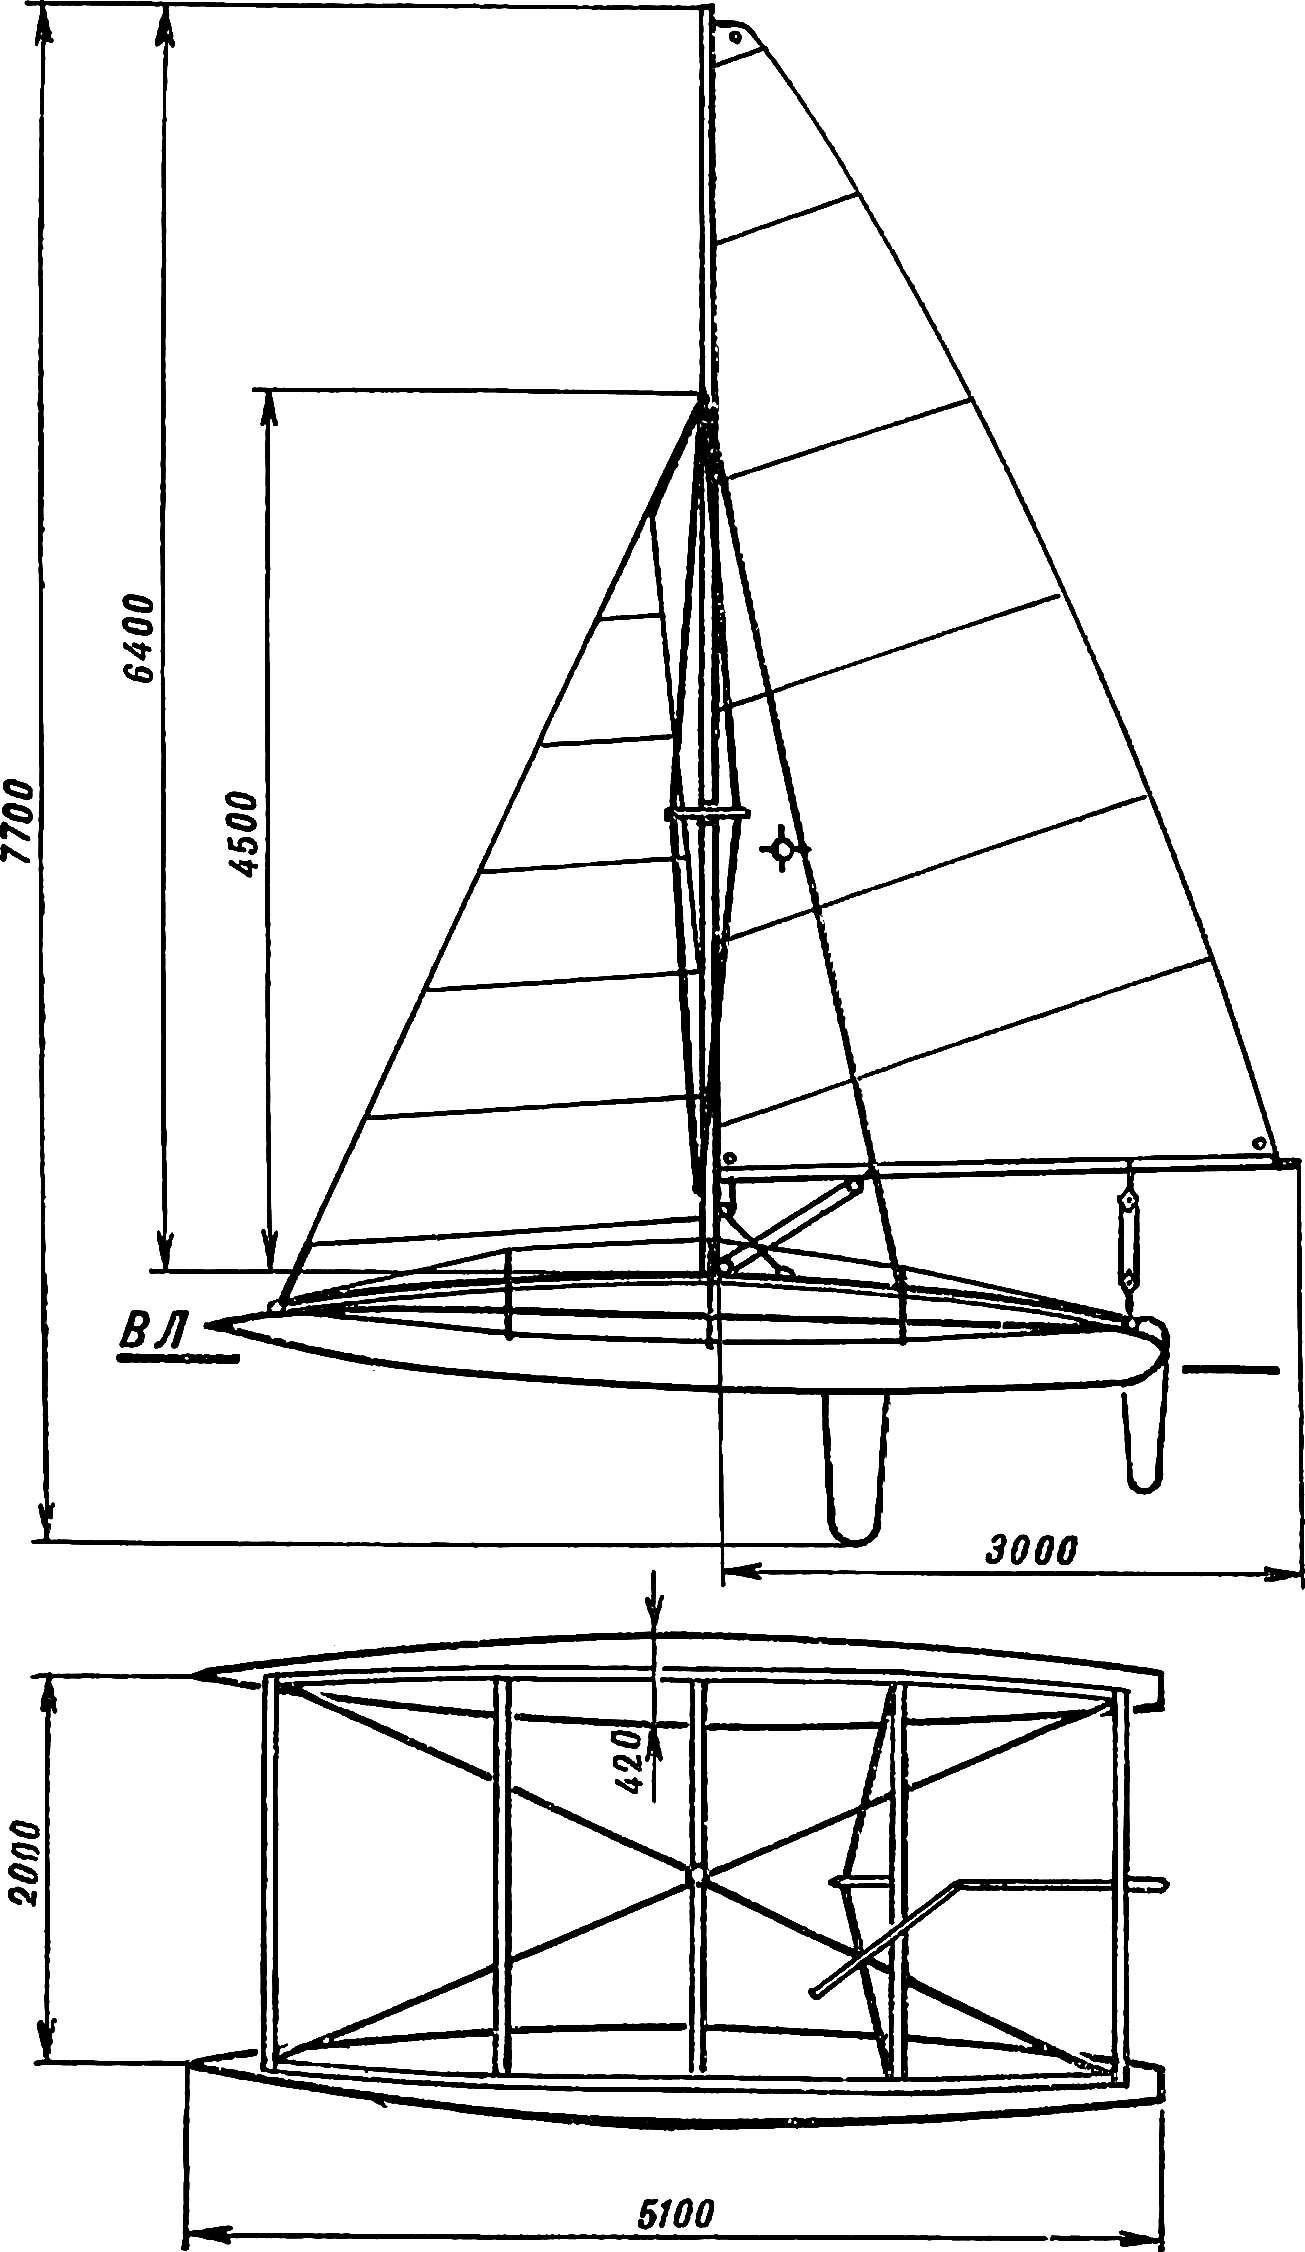 Fig. 1. Catamaran